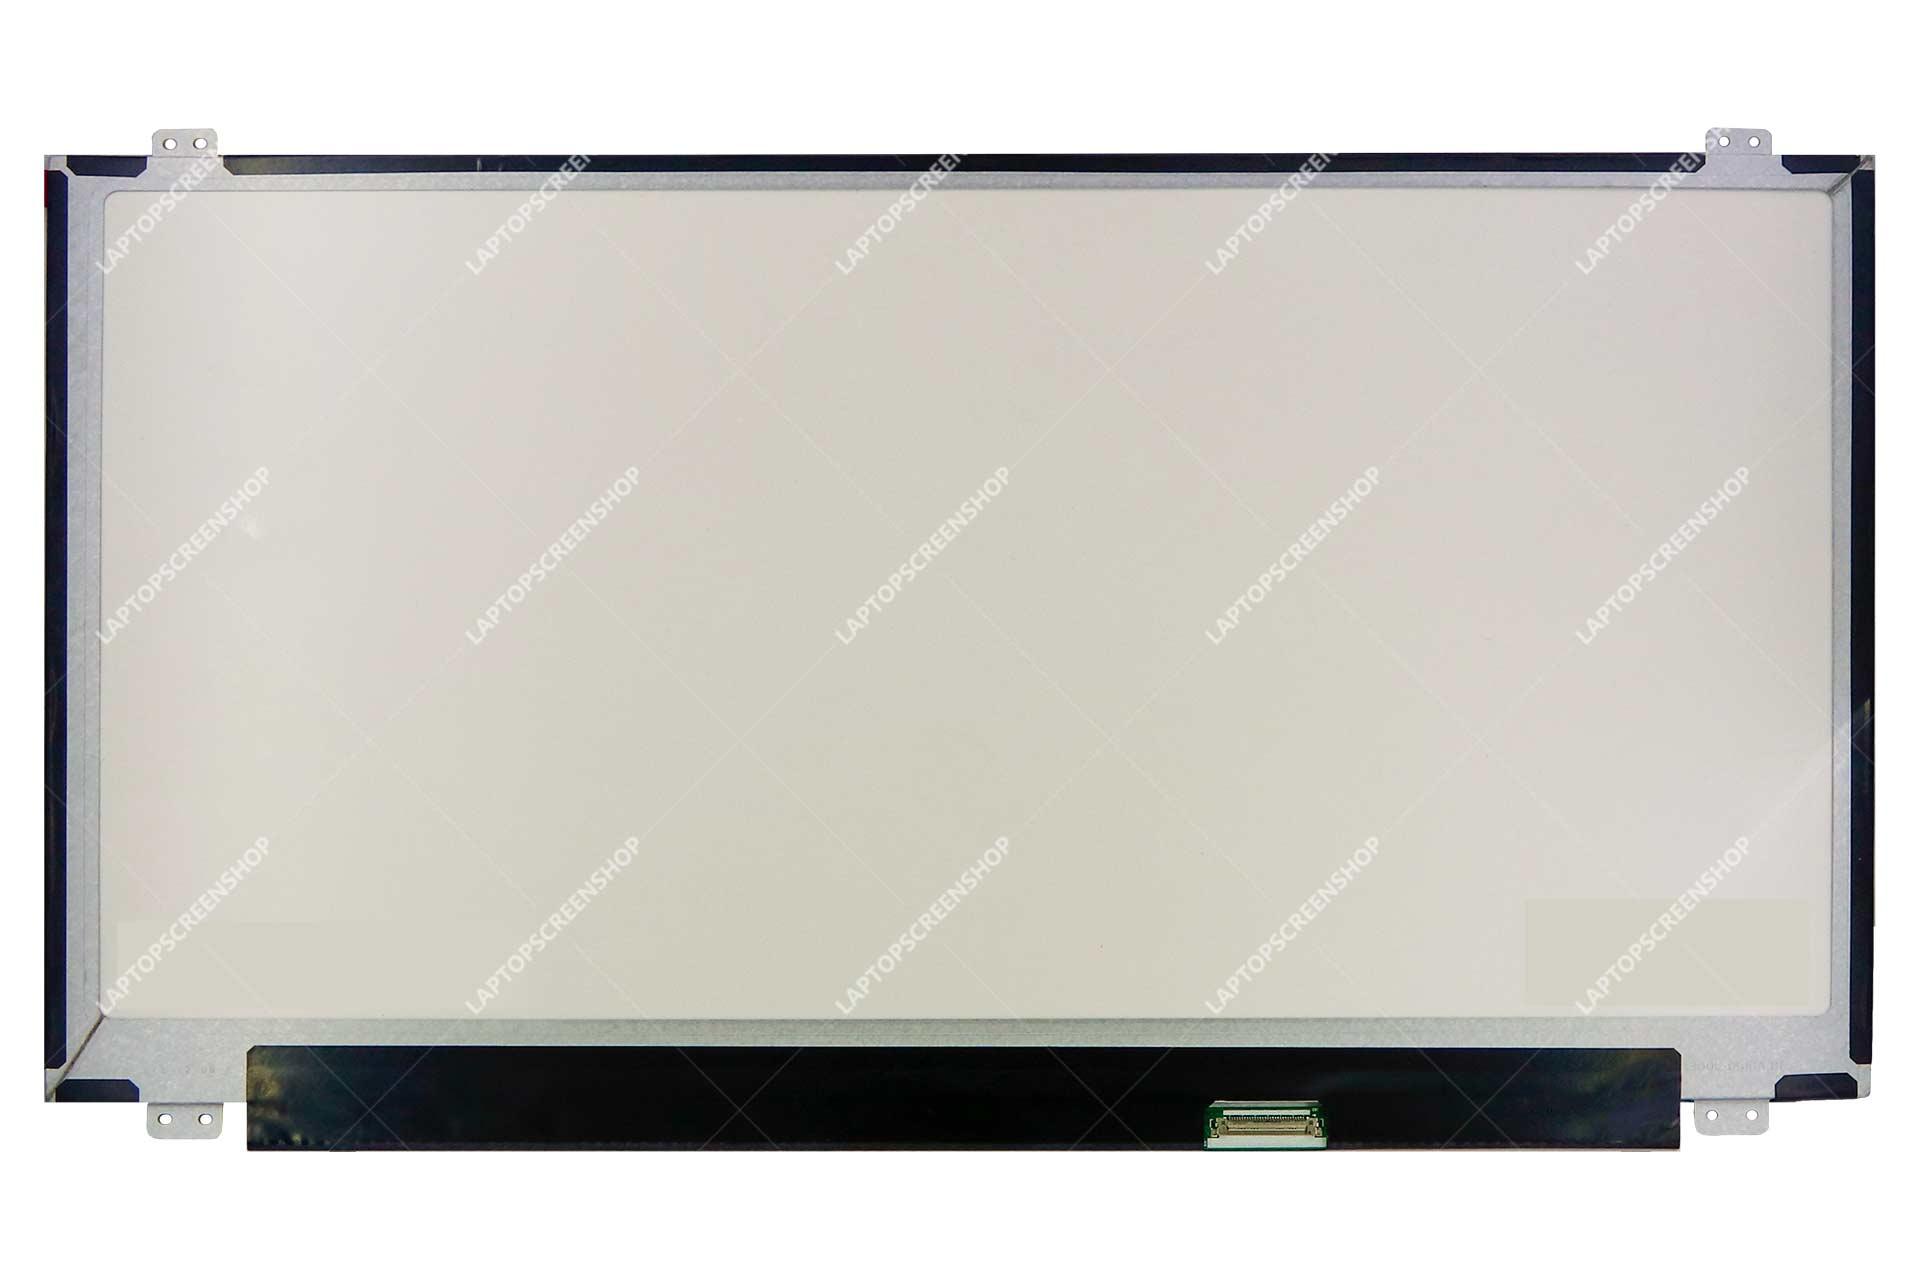 ACER-ASPIRE-E15- E5-532-C3WD-LCD |HD|فروشگاه لپ تاپ اسکرين | تعمير لپ تاپ